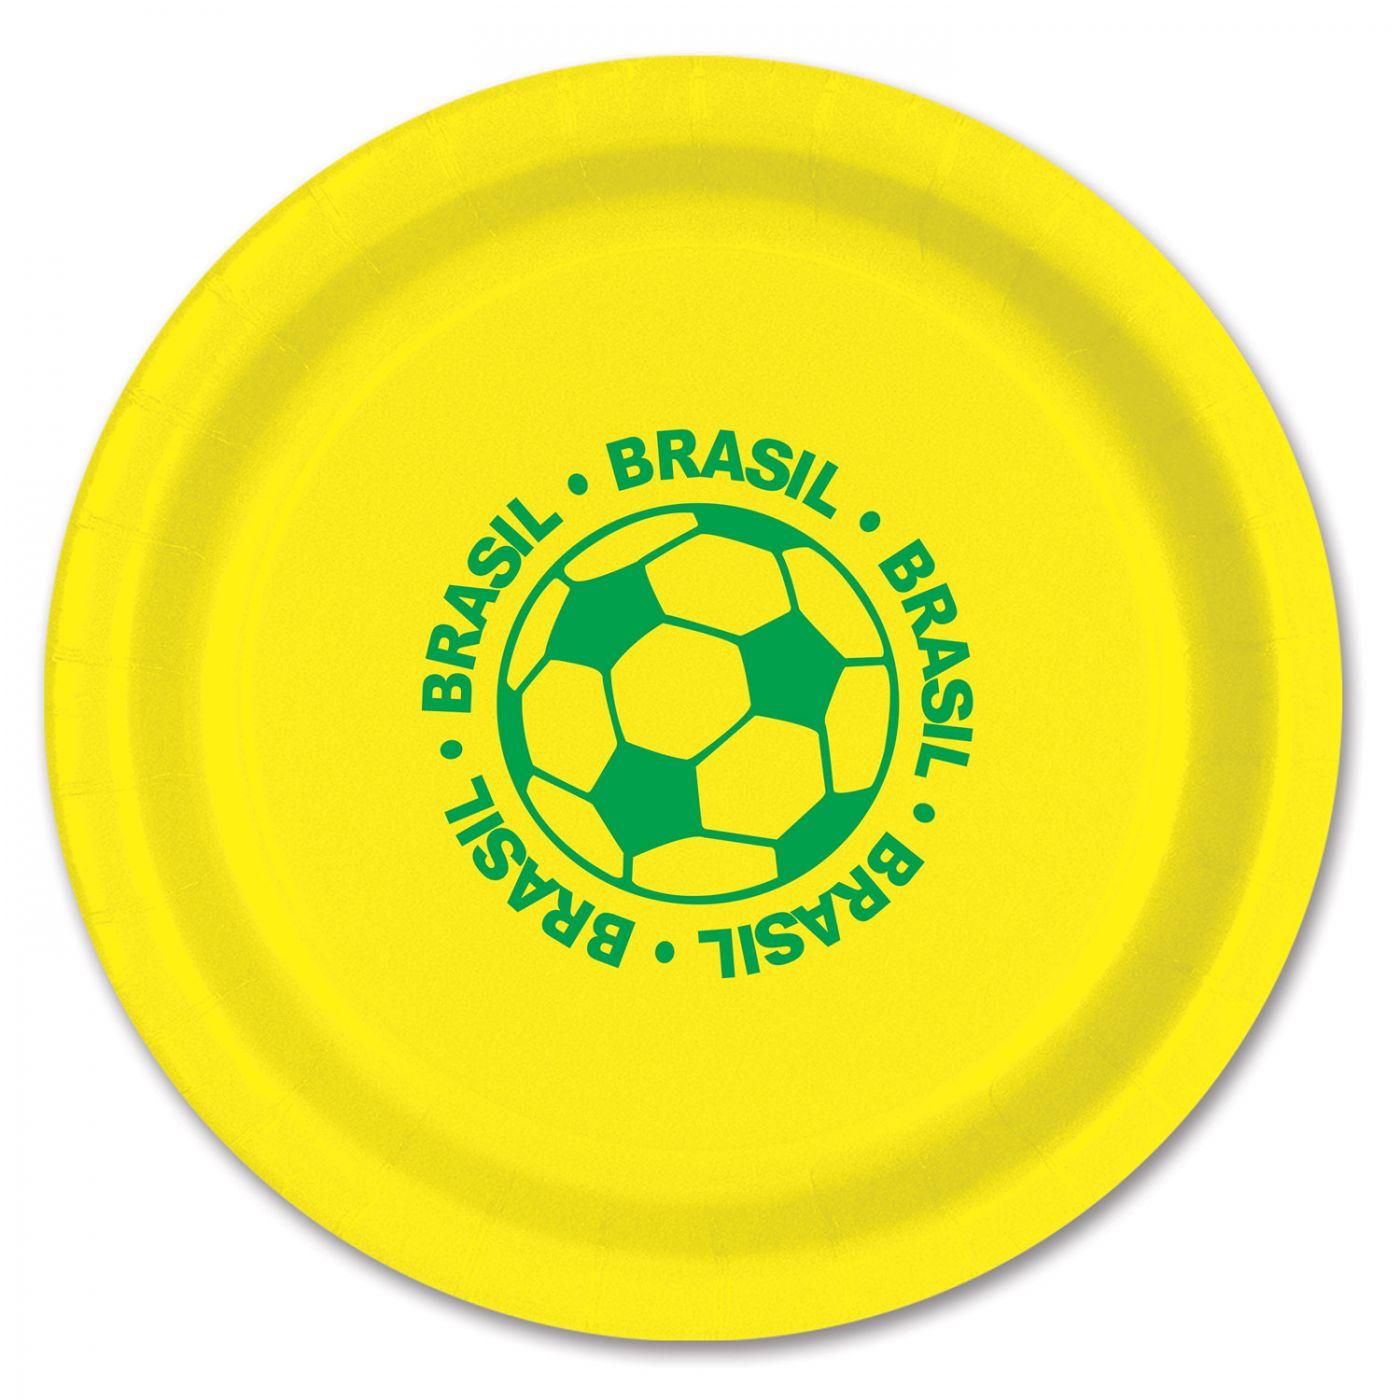 Plates - Brasil image